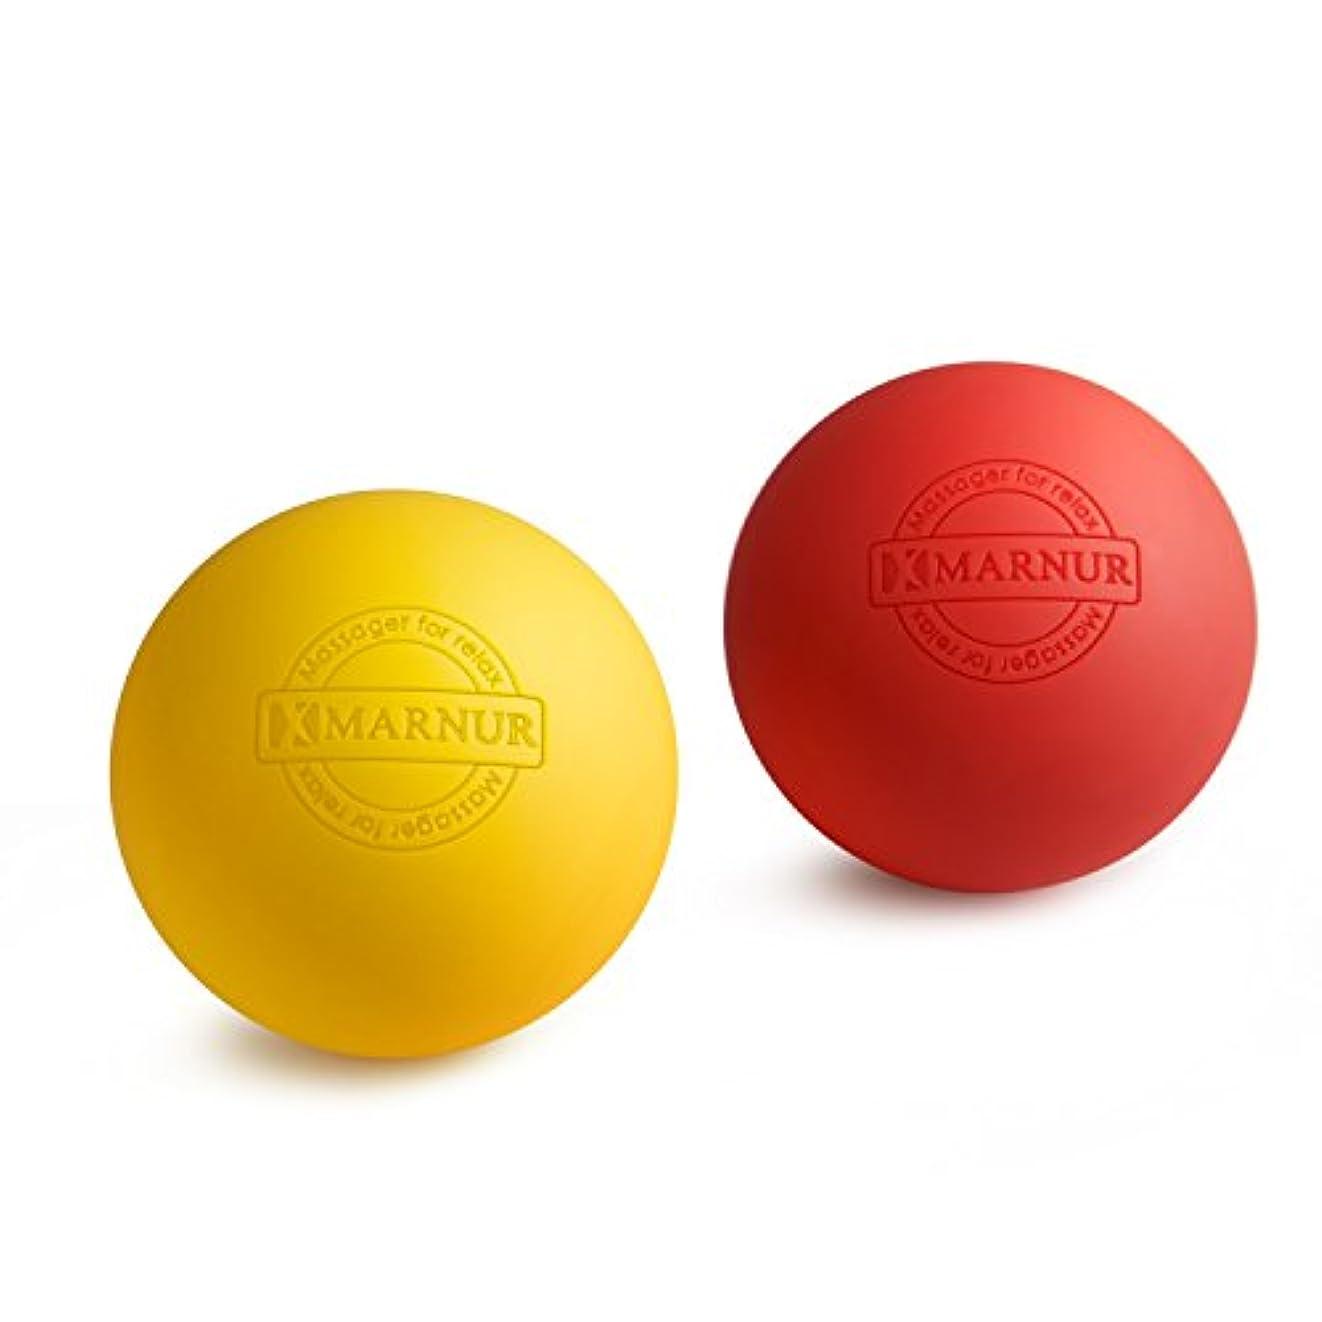 音声アテンダント金属MARNUR マッサージボール ストレッチボール トリガーポイント 筋膜リリース トレーニング 背中 肩こり 腰 ふくらはぎ 足裏 ツボ押しグッズ 2で1組み合わせ